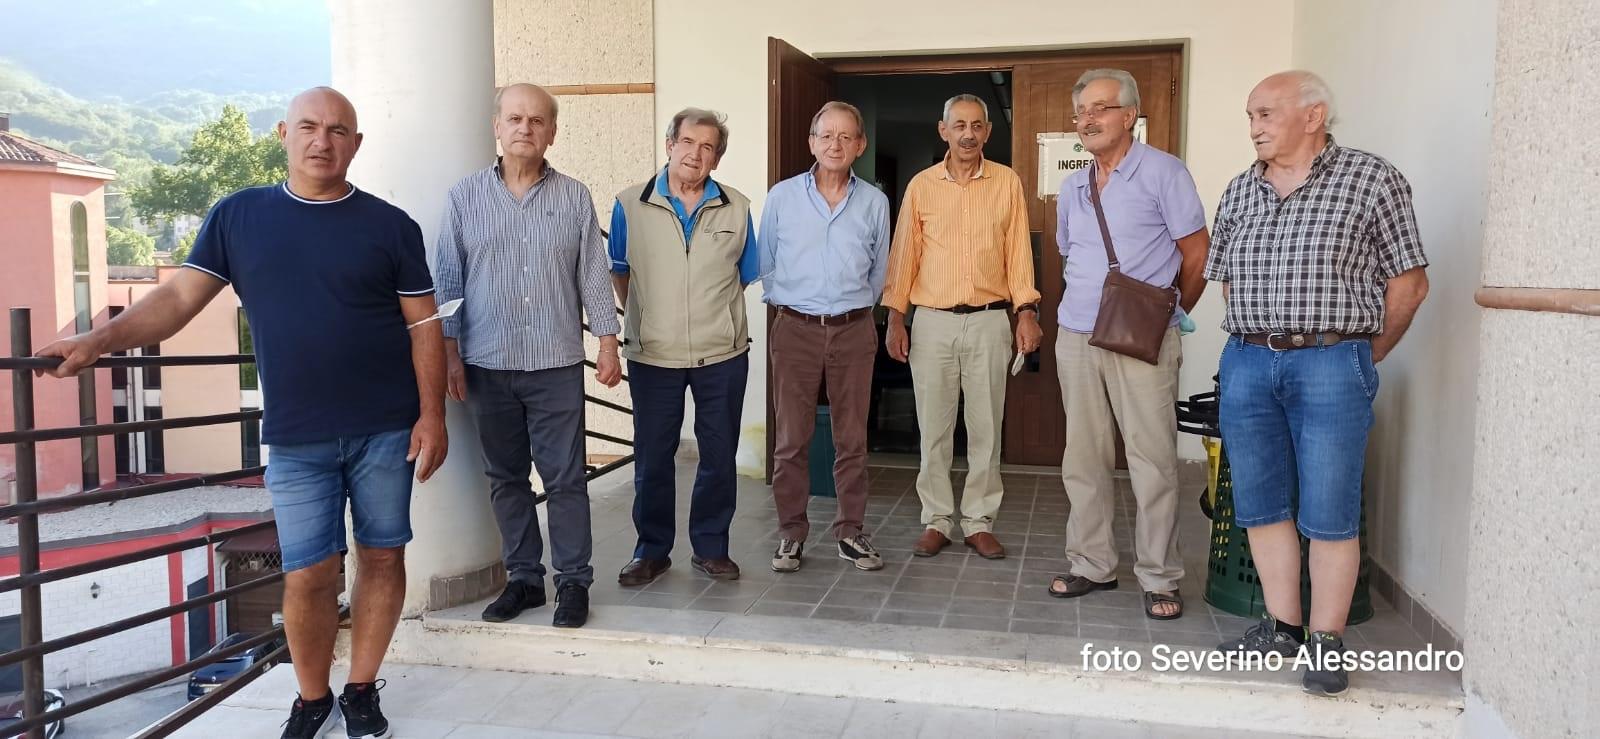 Valle Roveto, l'Associazione della Castagna Roscetta chiede a istituzioni, operatori economici e associazioni di fare squadra per valorizzare il territorio